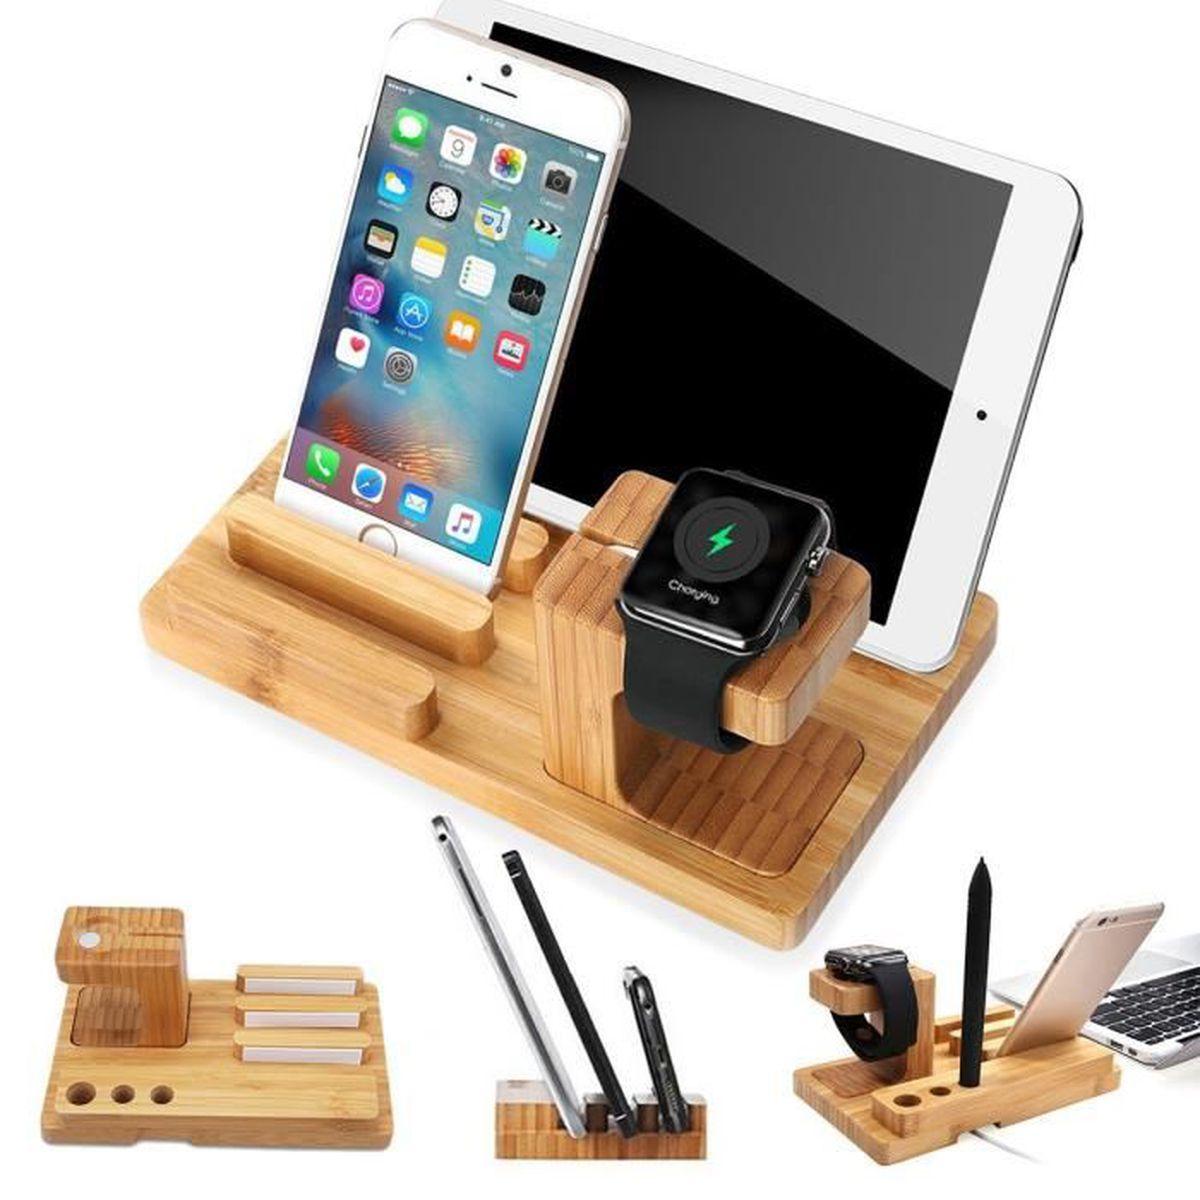 apple suivre support de charge dock station support desk. Black Bedroom Furniture Sets. Home Design Ideas